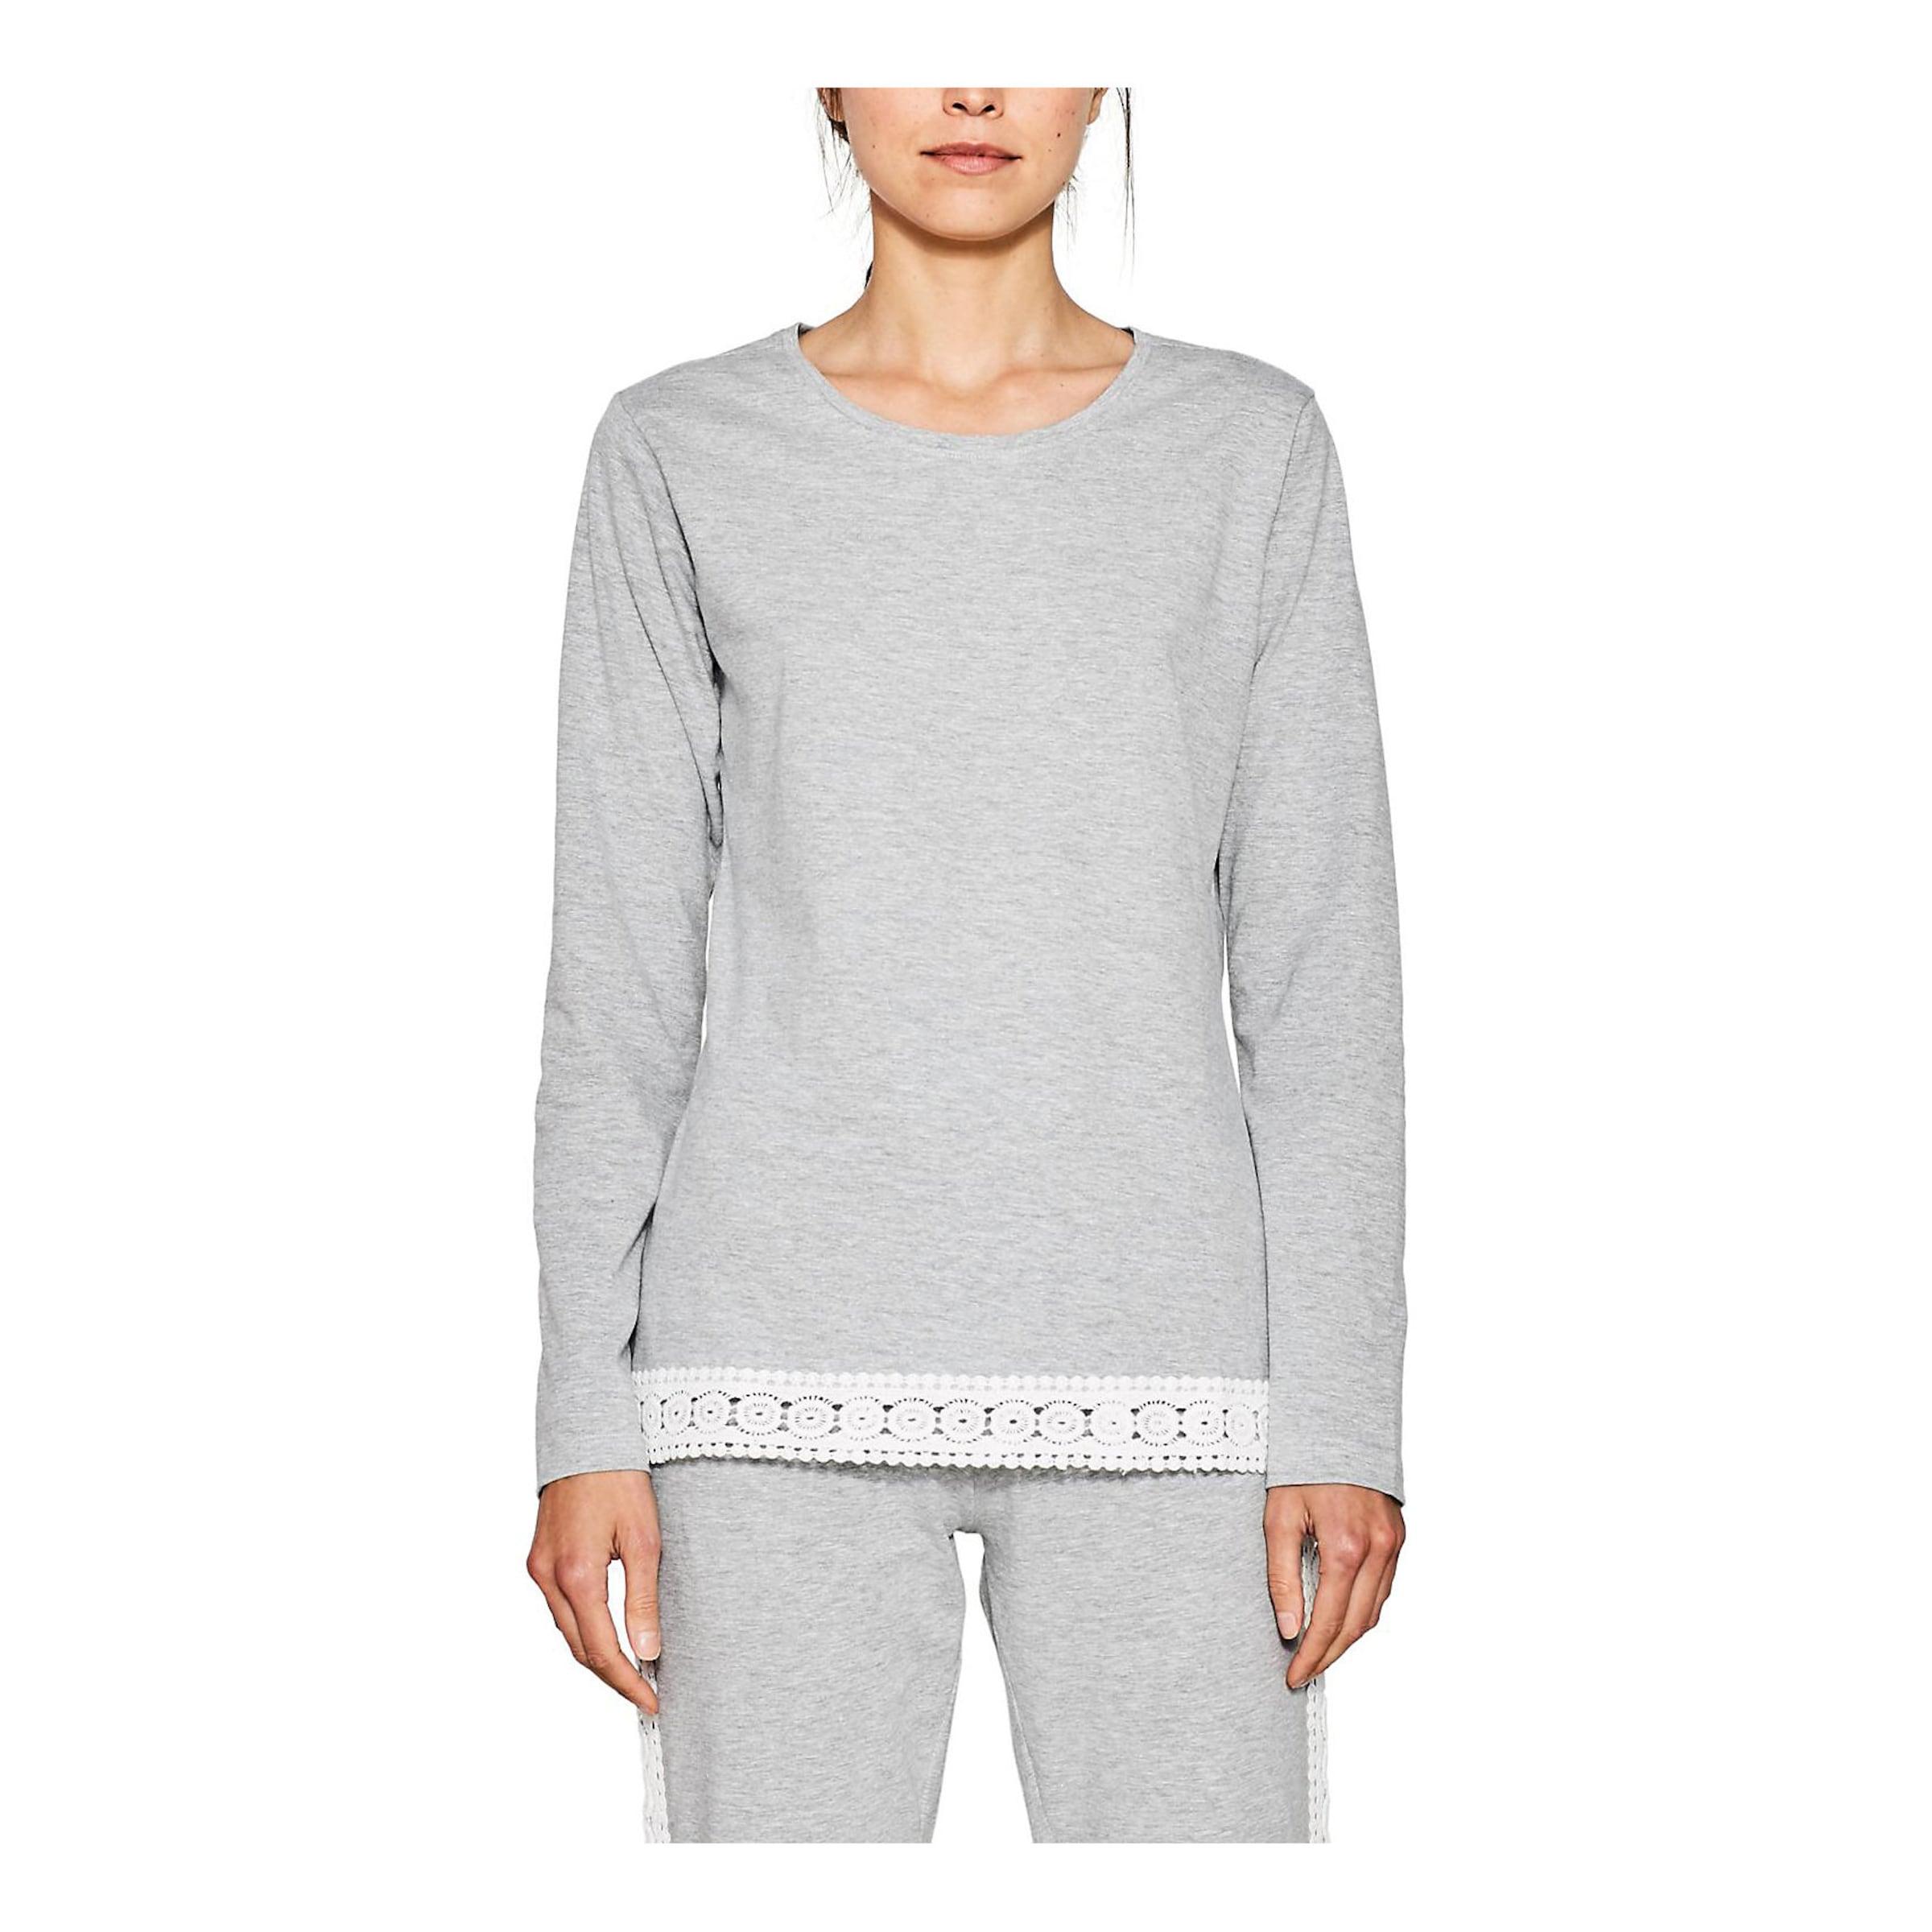 Esprit Schlafshirt GraumeliertWeiß In Bodywear 'bella' 9DIWHE2Y